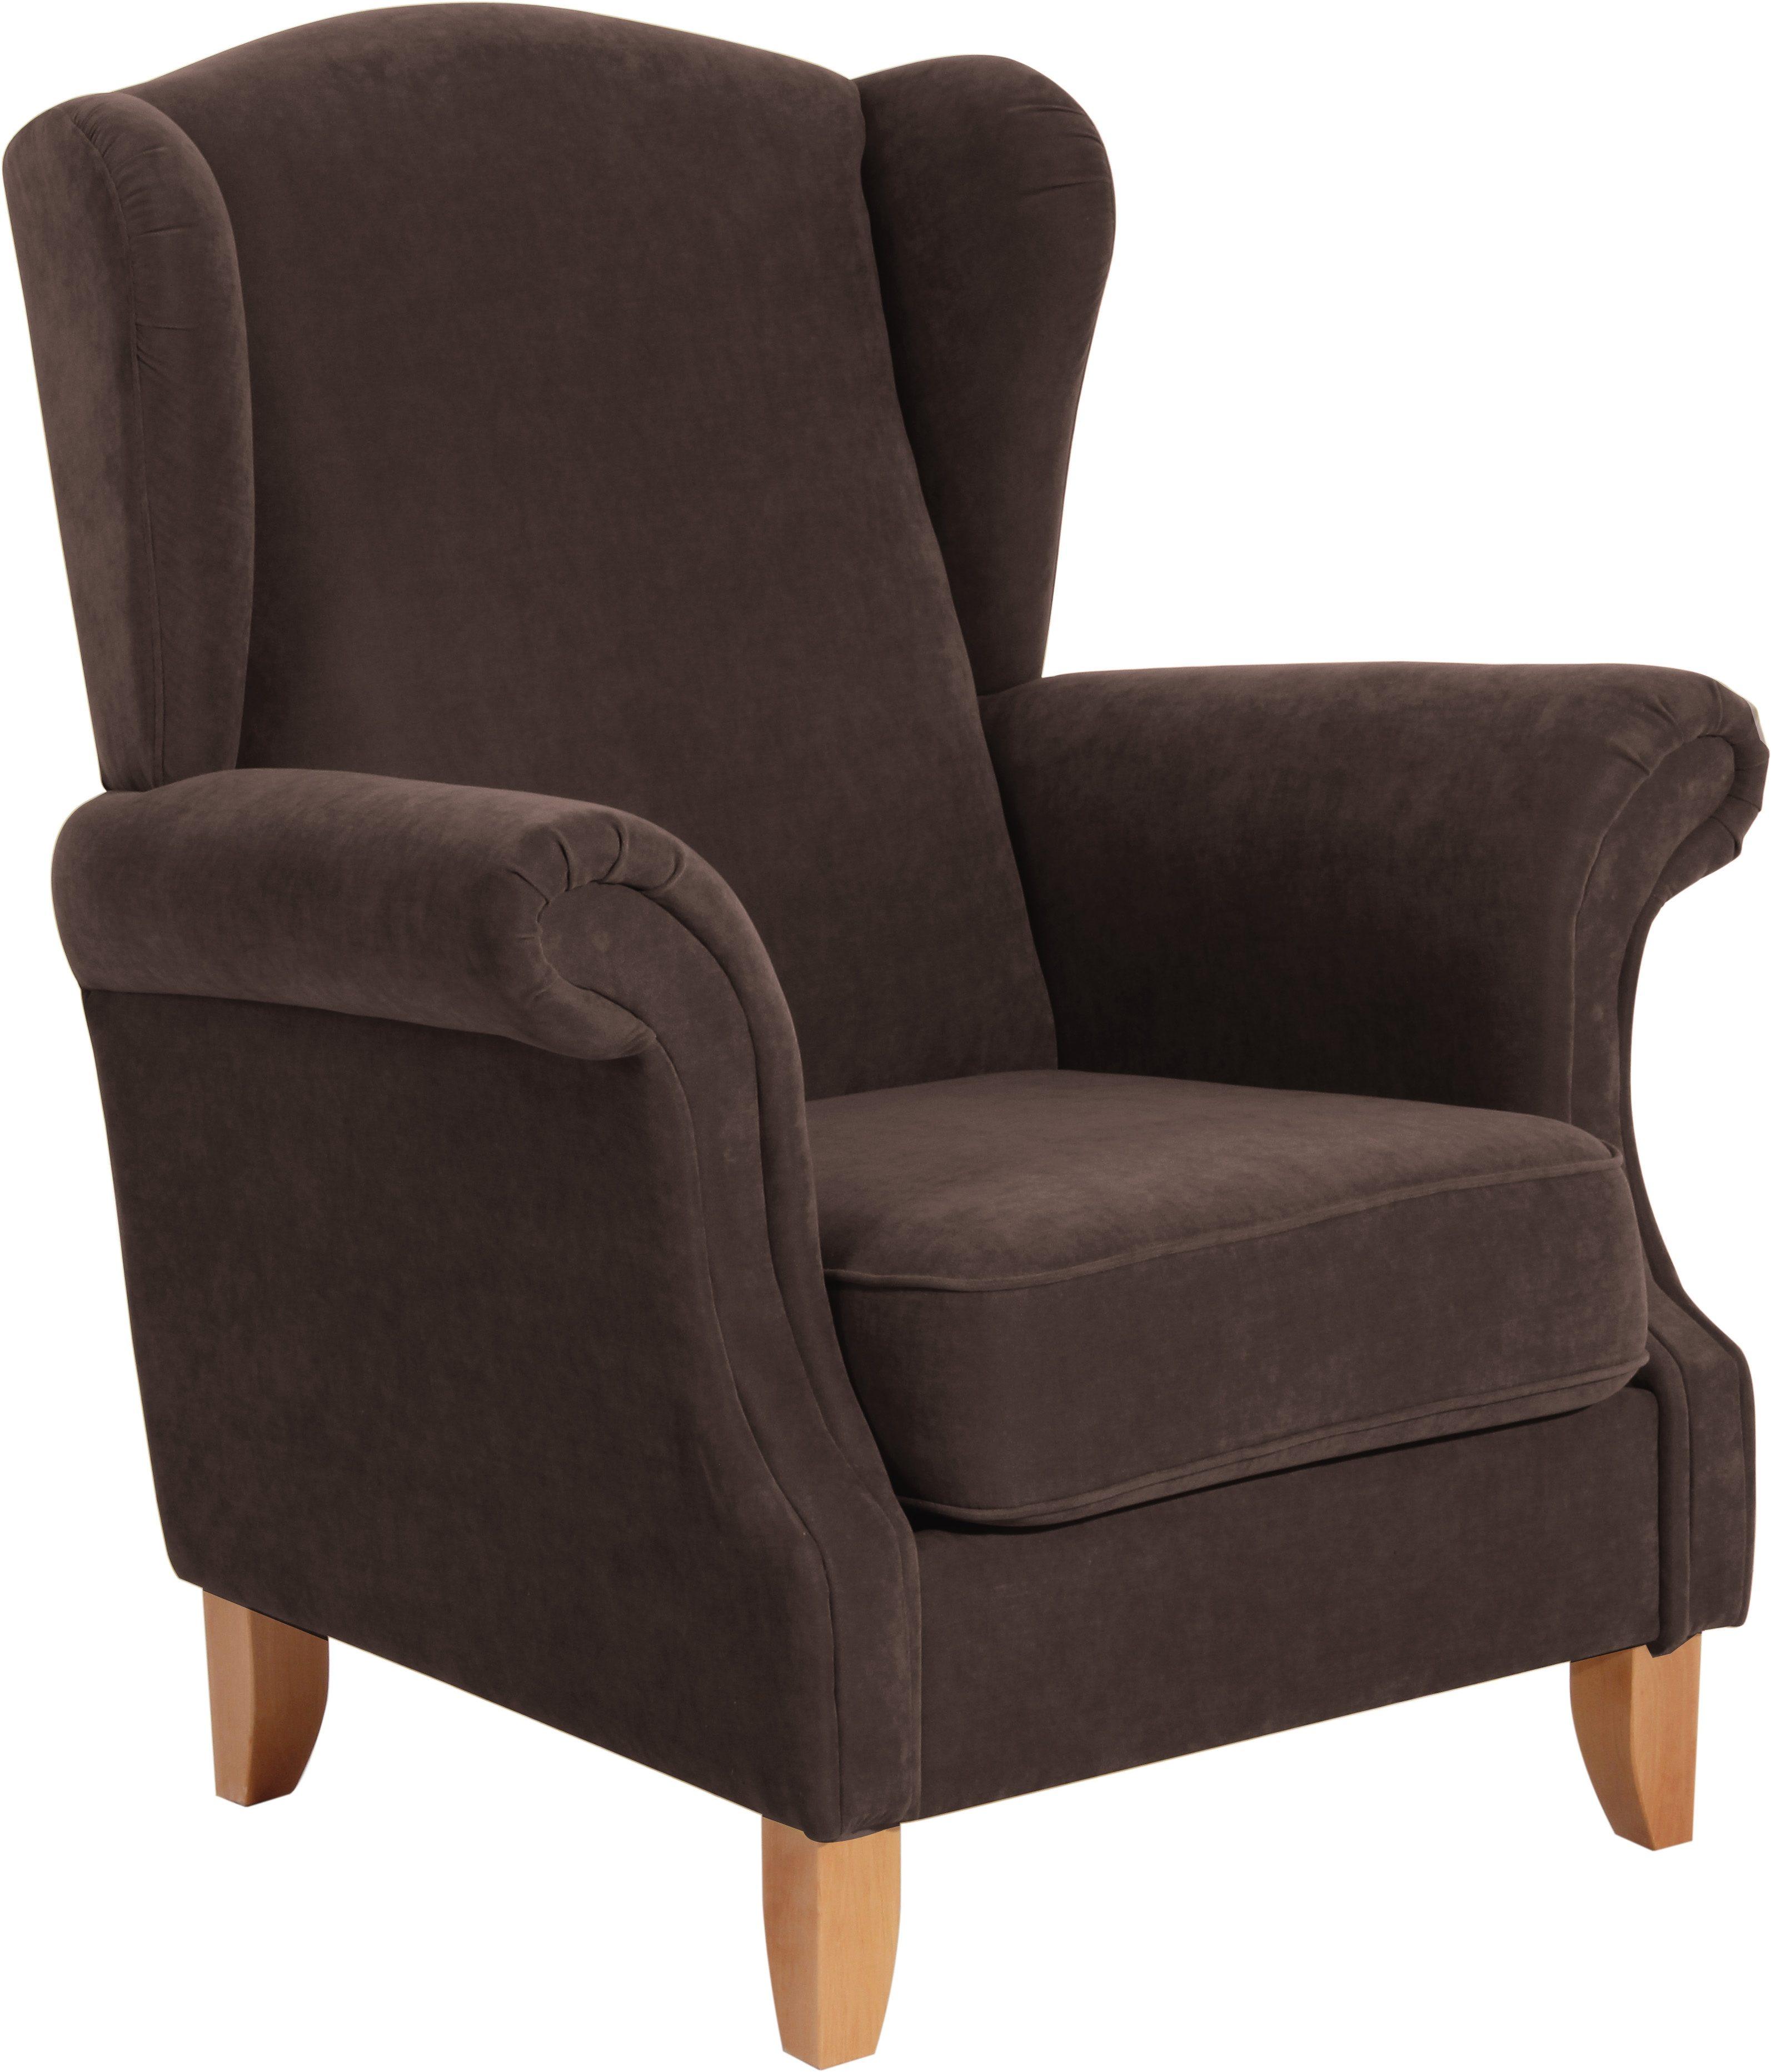 max winzer ohrensessel valentina defactodeal. Black Bedroom Furniture Sets. Home Design Ideas